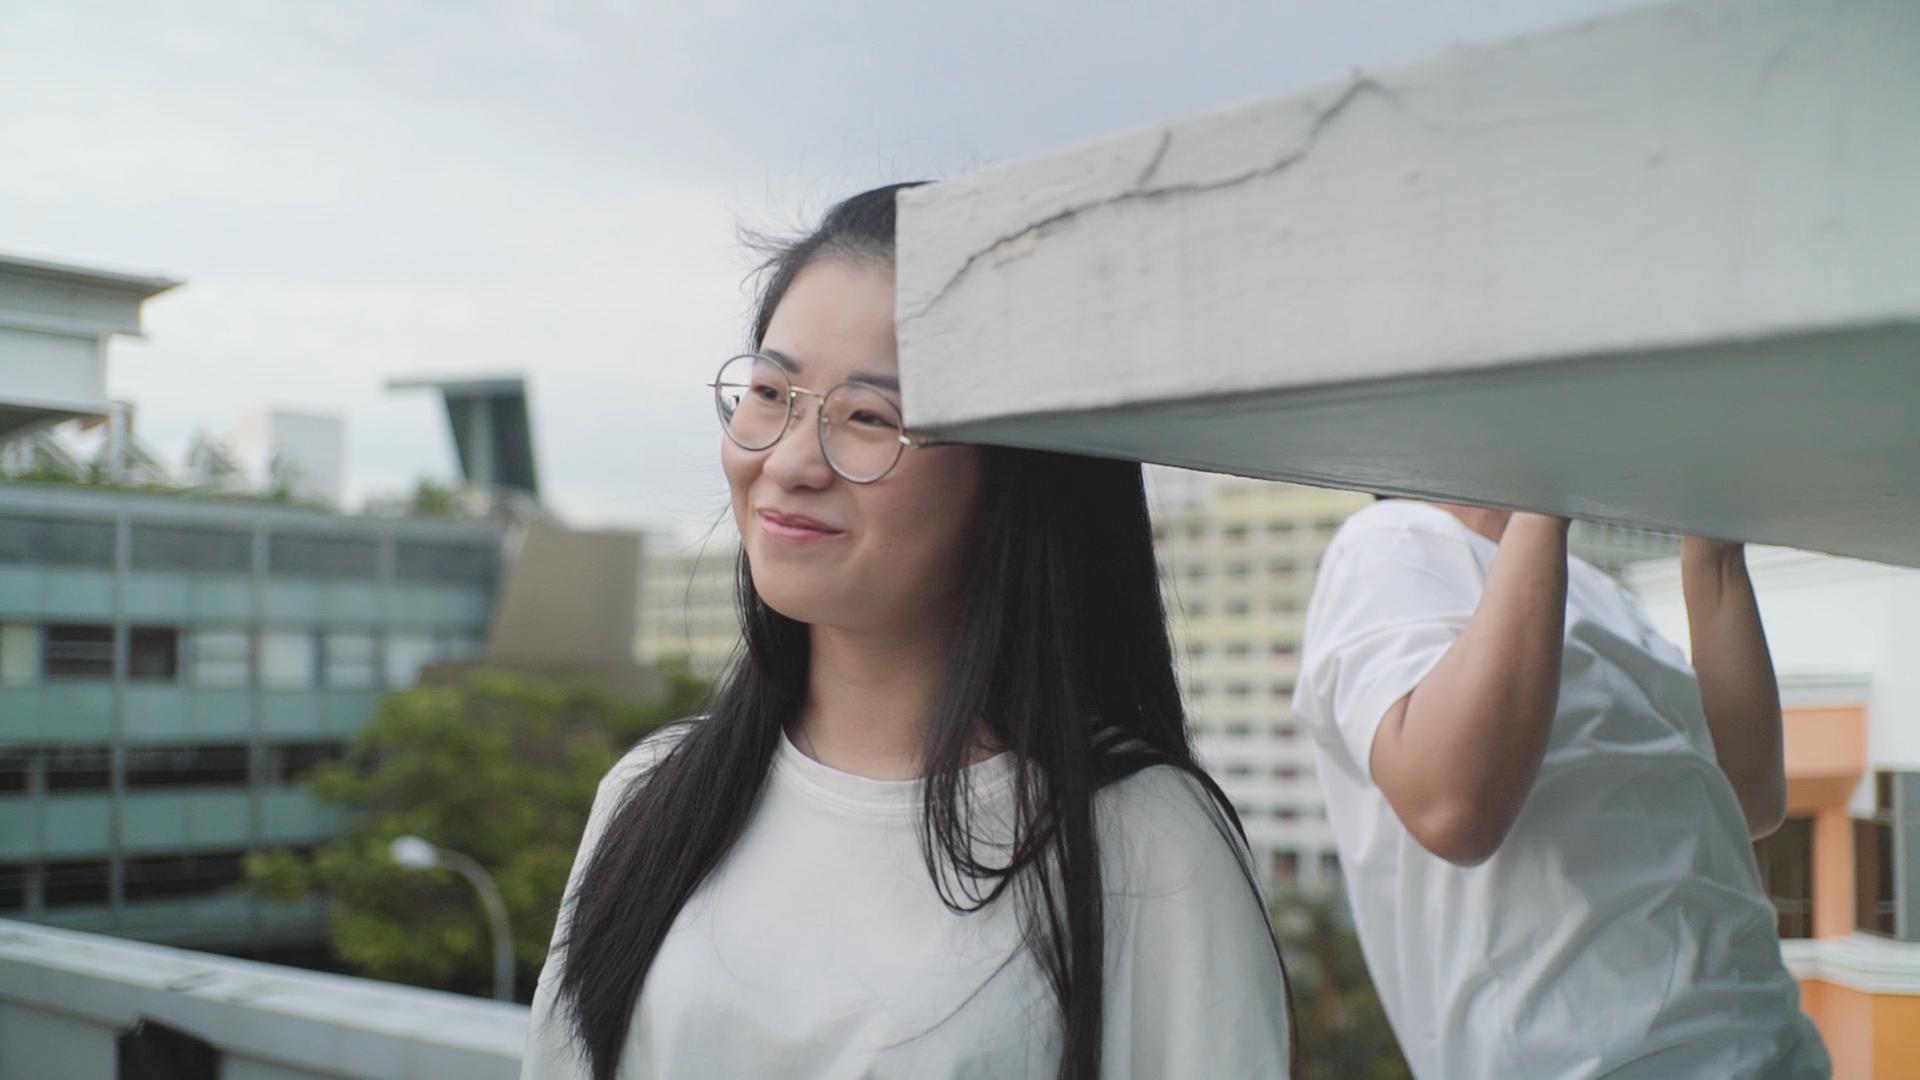 FFK_IG_59s_Screenshot_Cong Cong and Xin Jie_005.jpg